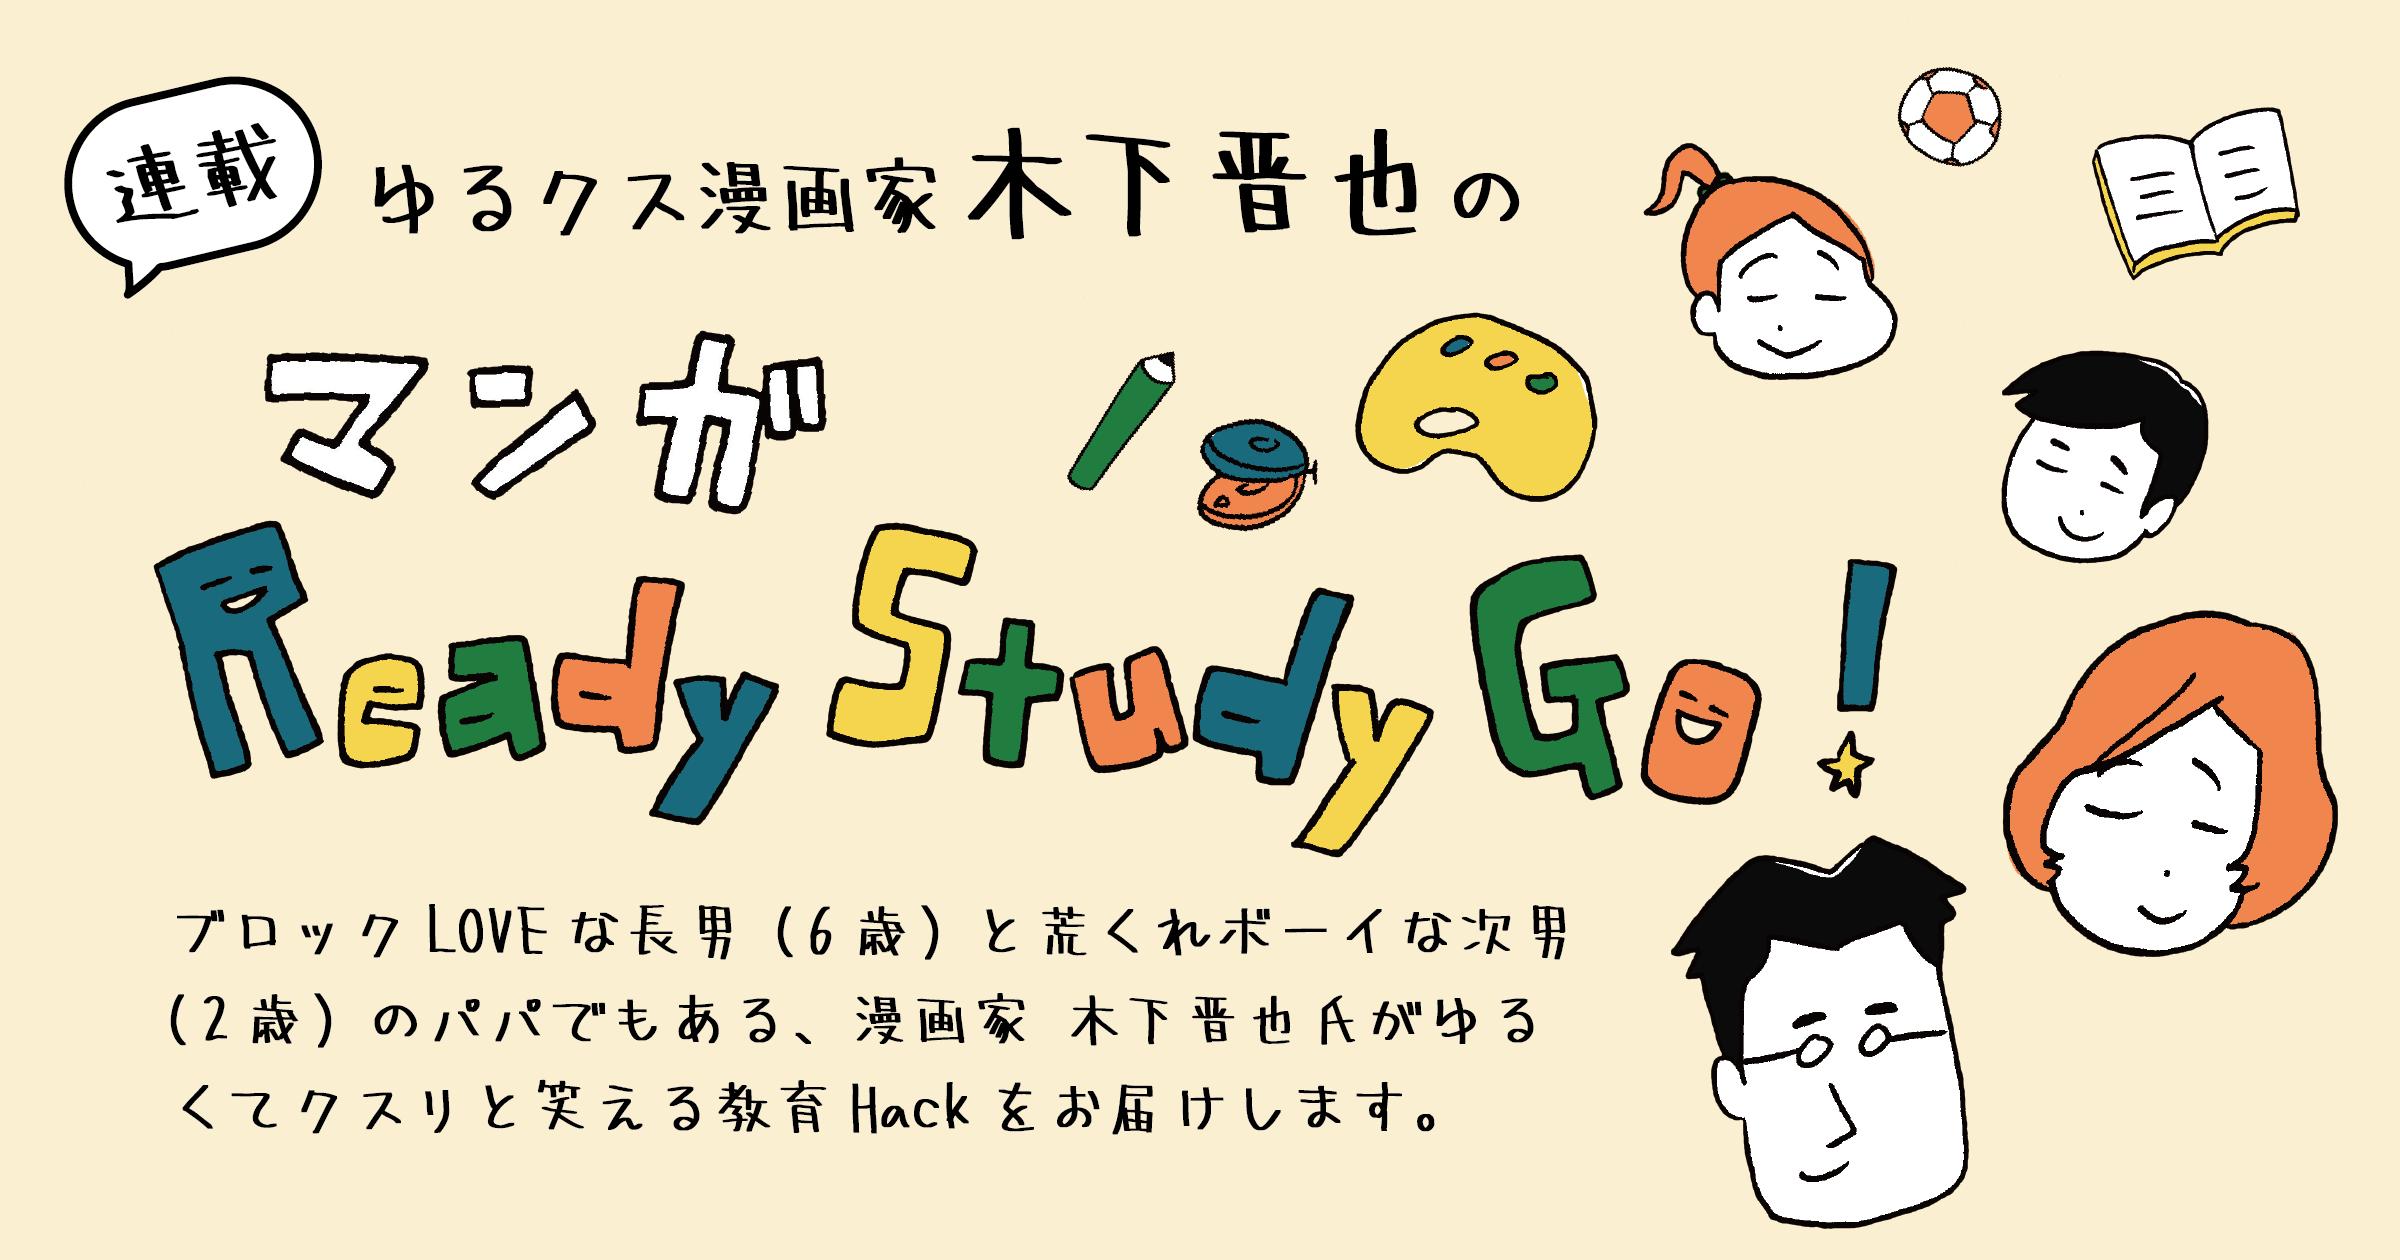 「総合的な身体能力のために☆」ゆるクス漫画家 木下晋也のマンガ Ready Study Go!【第3回】